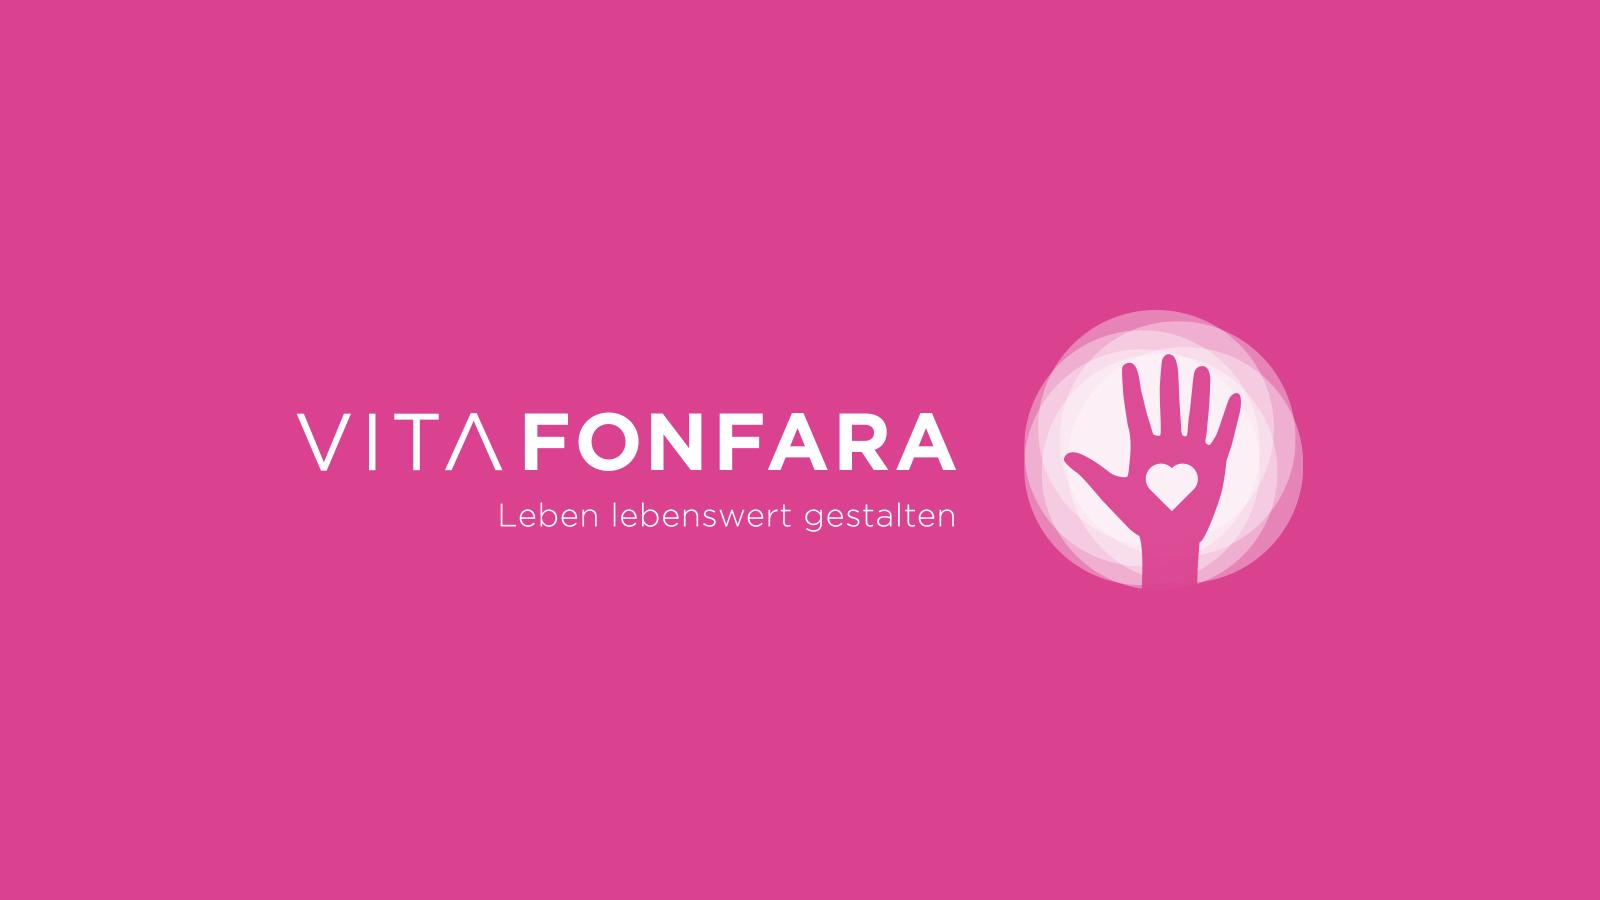 vitafonfara-logo-negativ